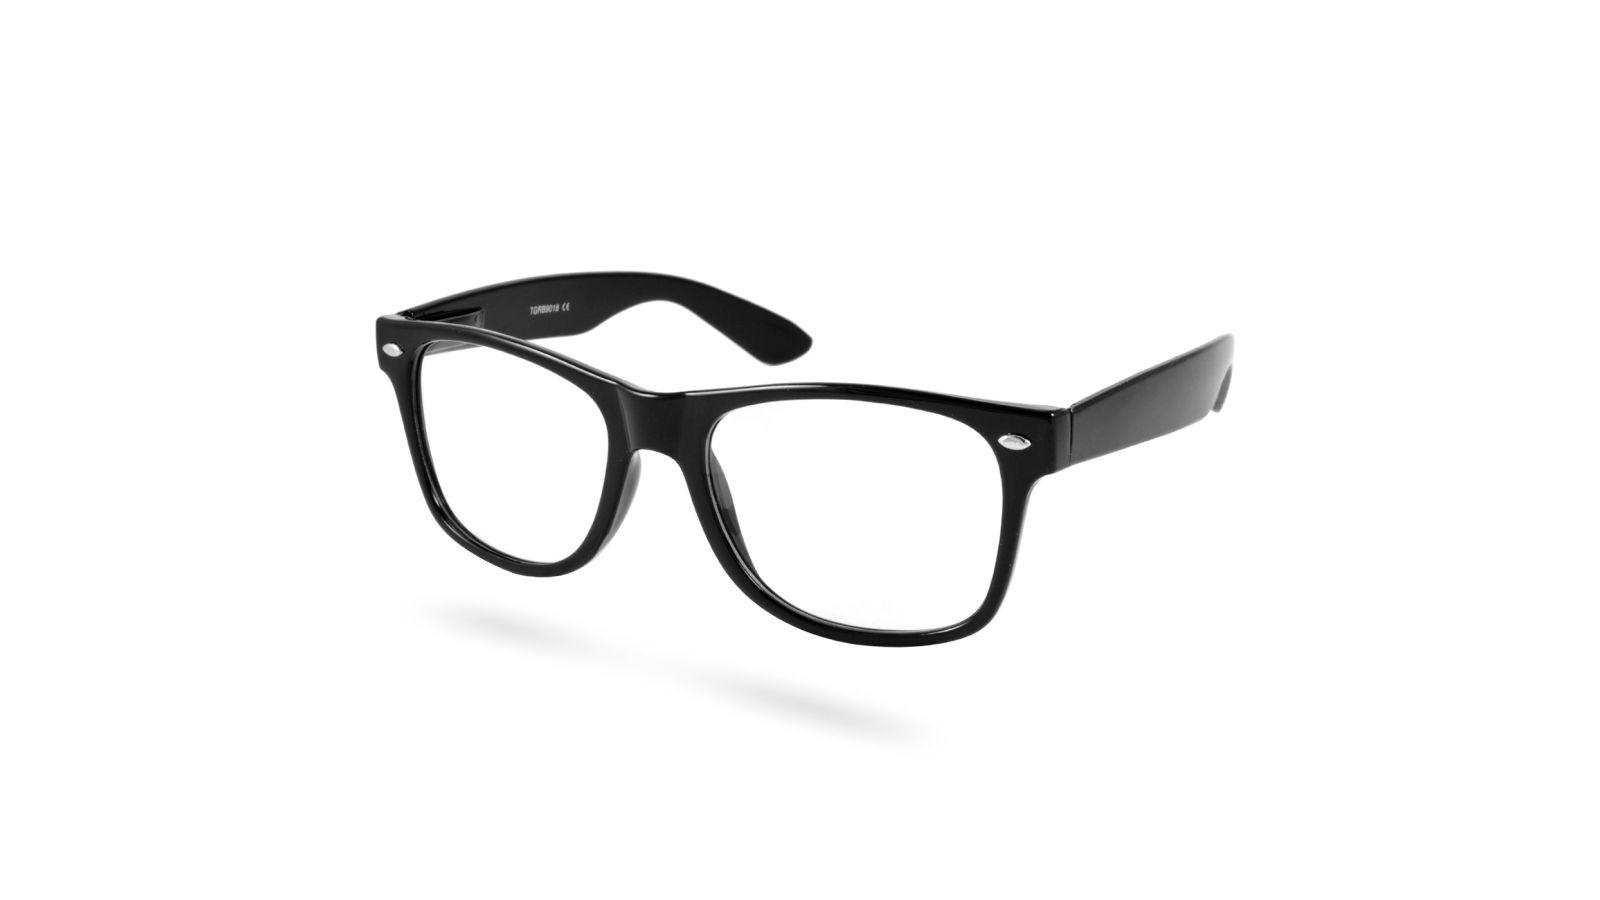 c76d05fa7ebc Sorte Retro Briller Med Klart Glas